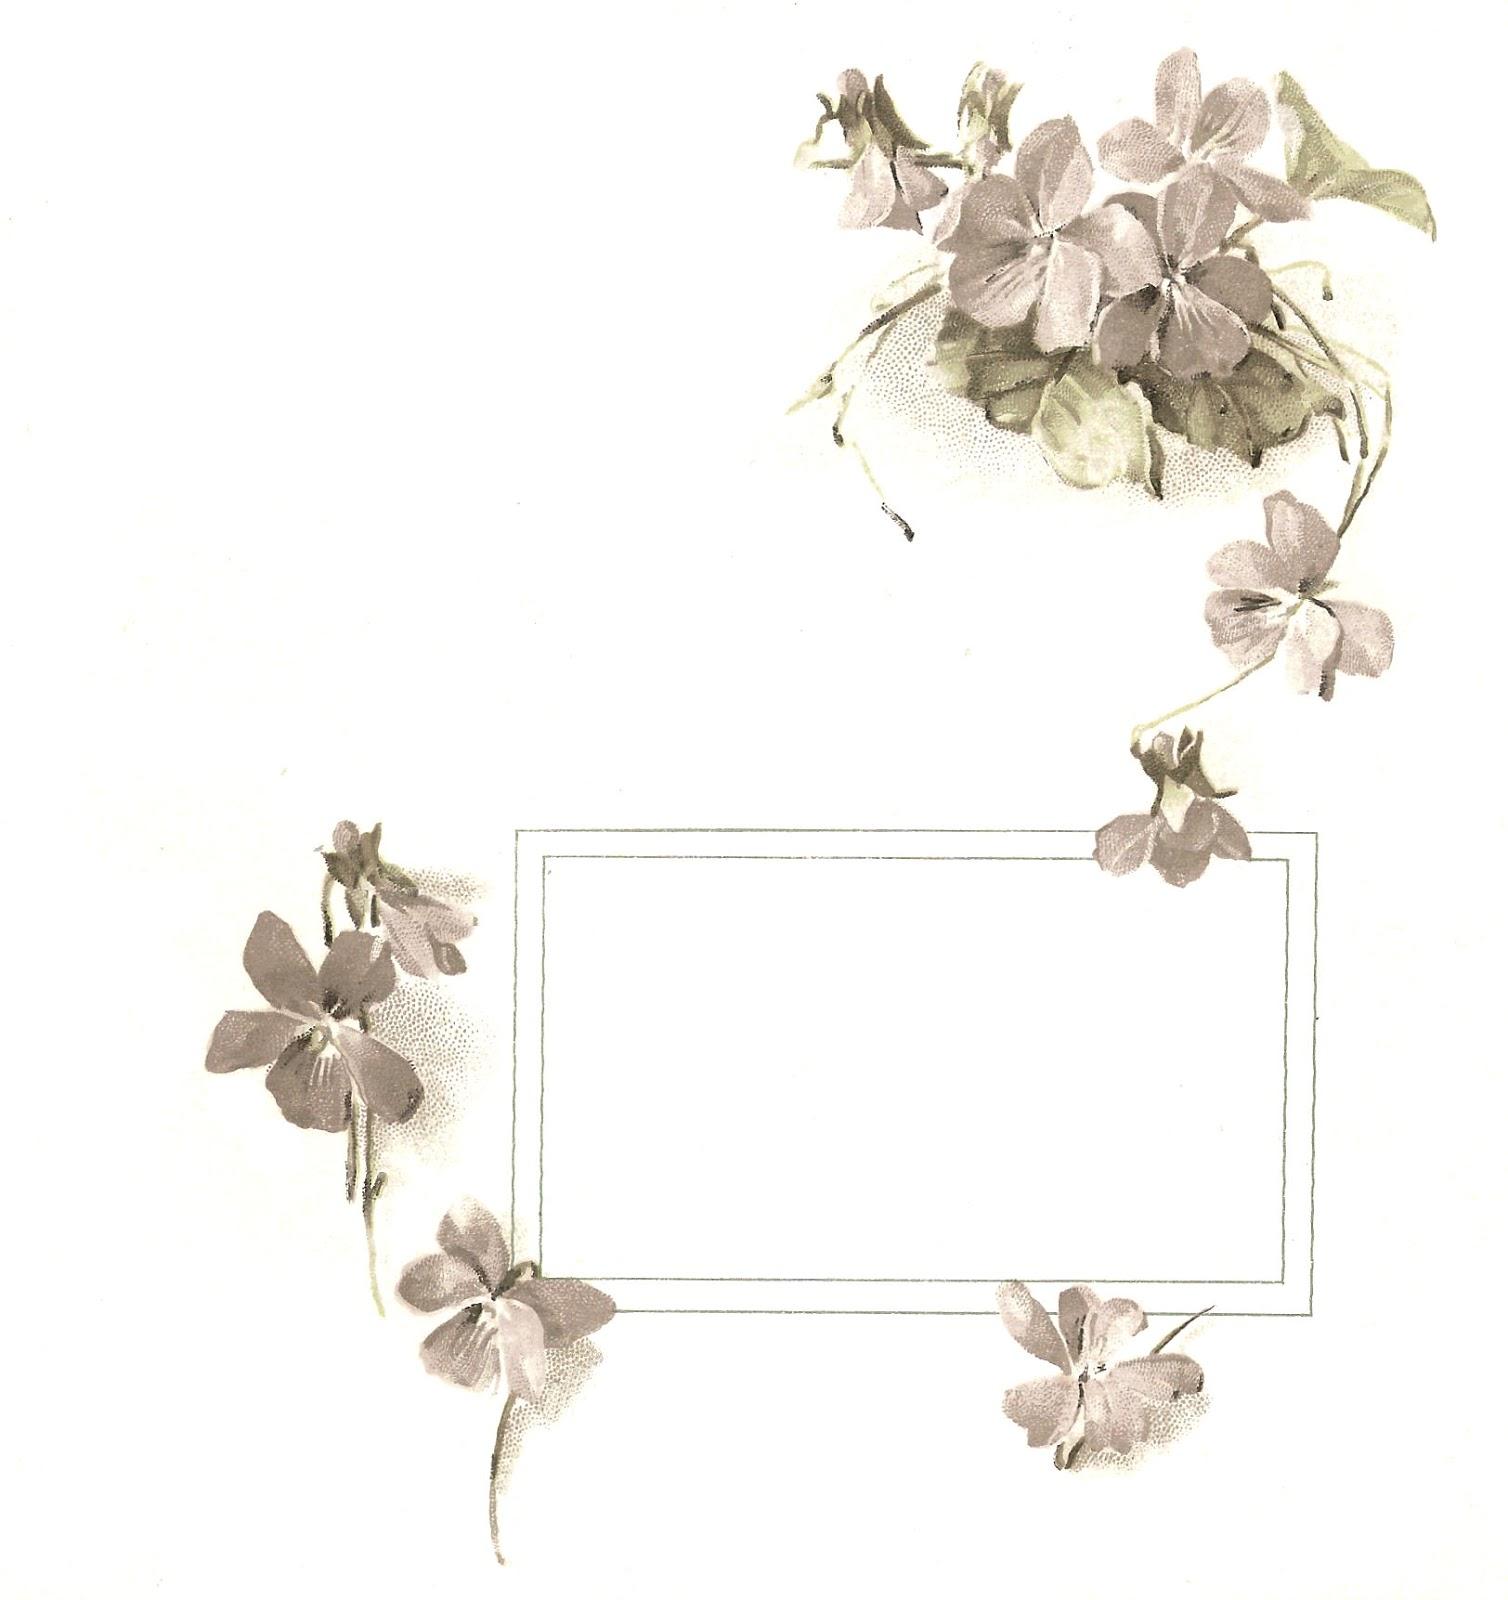 Free Printable Flower Frame Image: Vintage Forget-Me-Not Flower Design ...